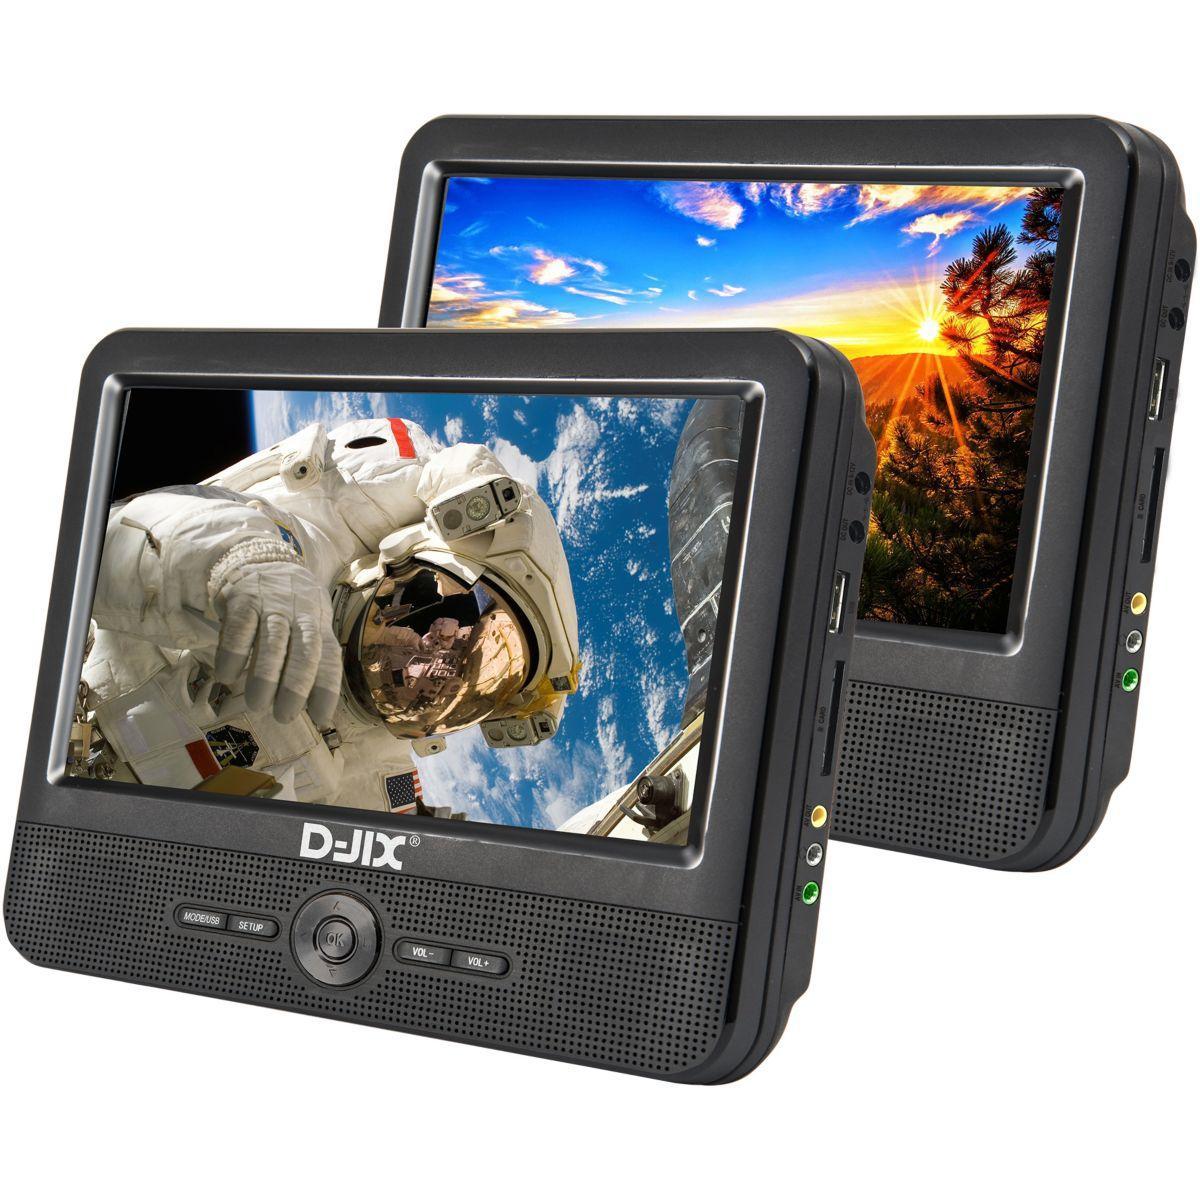 Dvd portable d-jix pvs 906-70dp twin dou - 2% de remise imm�diate avec le code : fete2